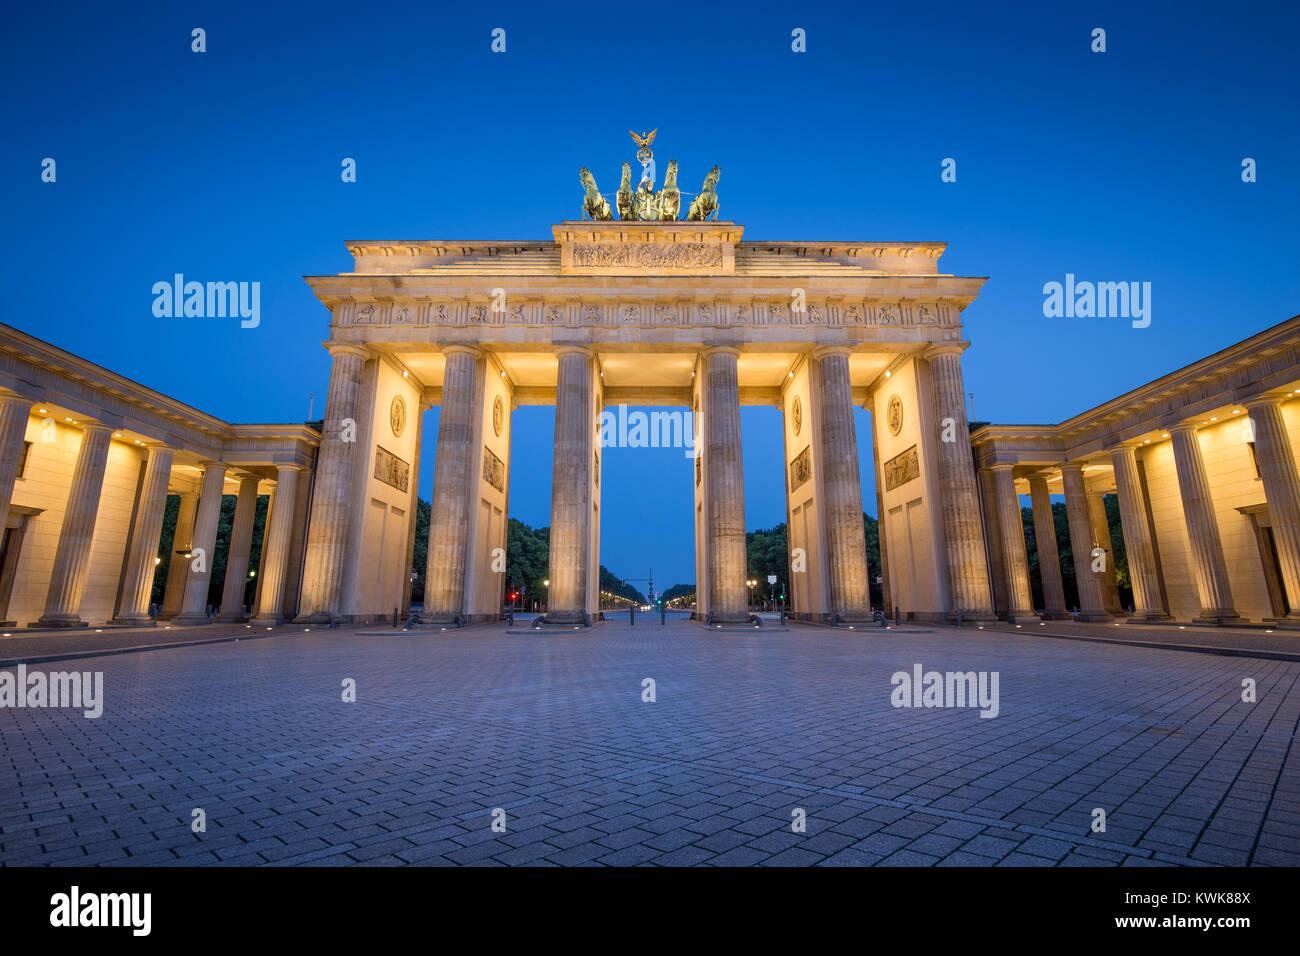 Vista clásica de Brandenburger Tor (Puerta de Brandenburgo), uno de los hitos más conocidos y los símbolos Imagen De Stock